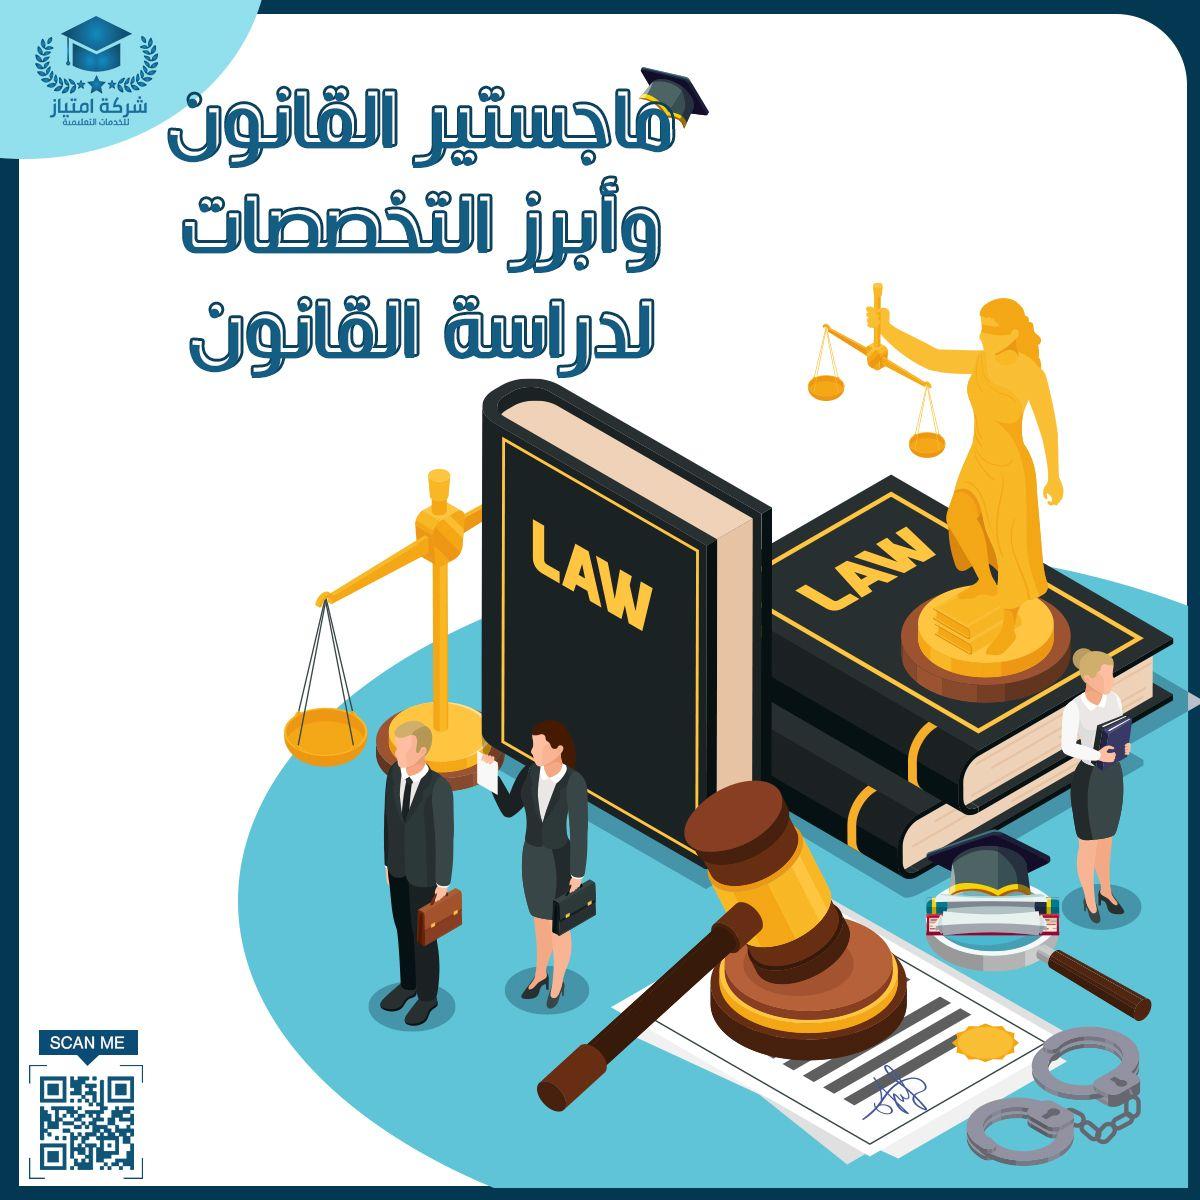 رسالة ماجستير قانون Movie Posters Blog Law